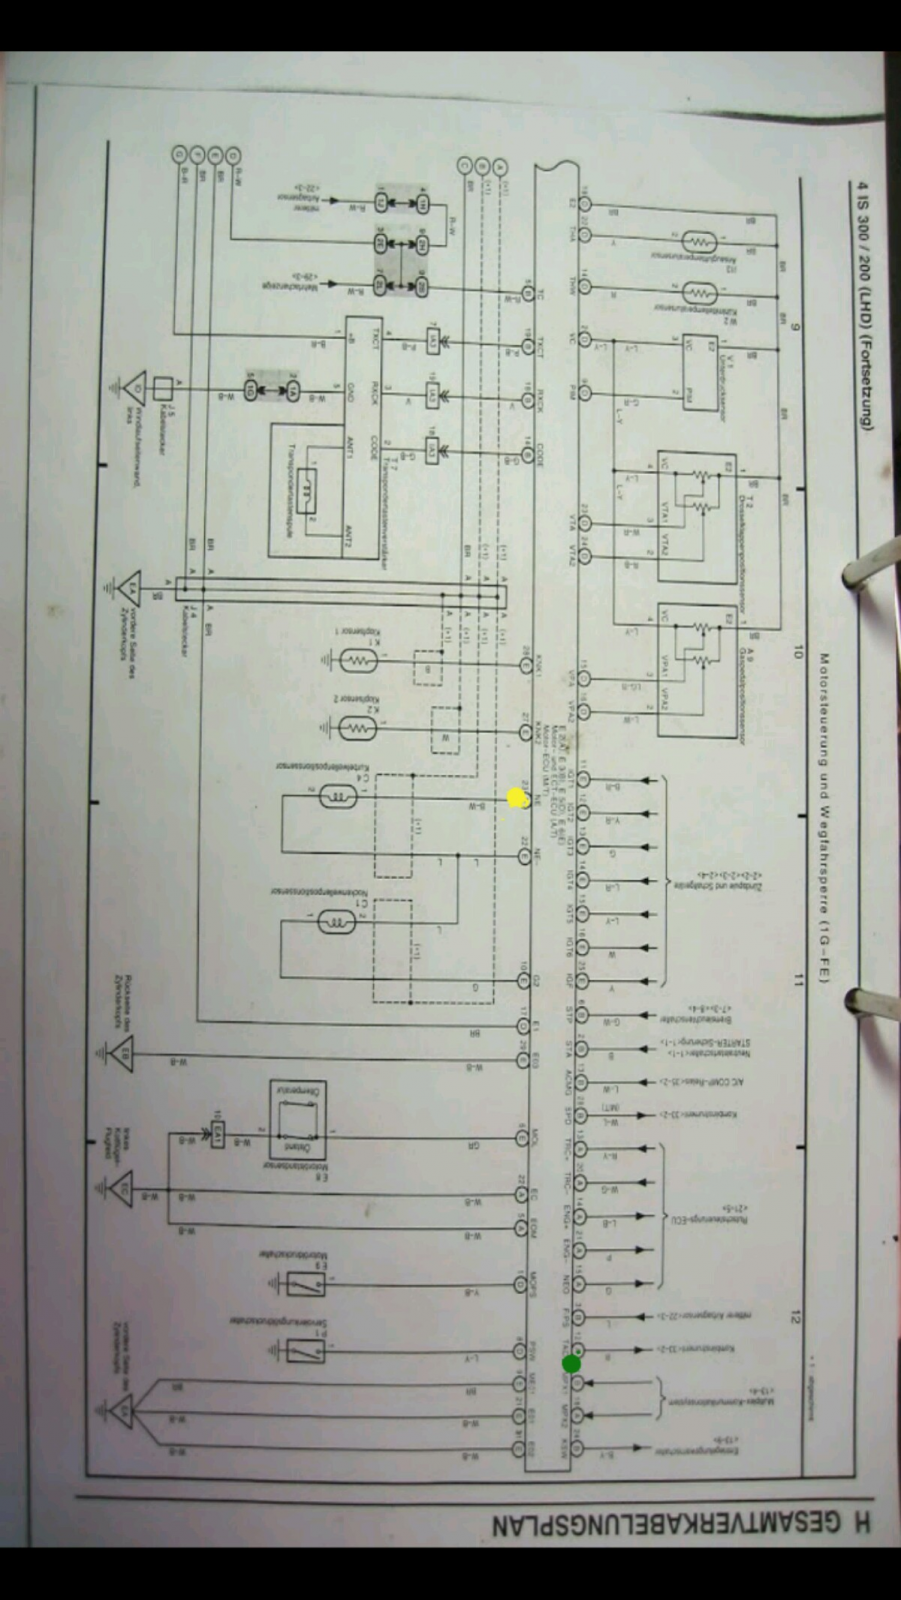 Großzügig 1968 Reisezugwagen Bausatz Diagramm Zeitgenössisch - Der ...